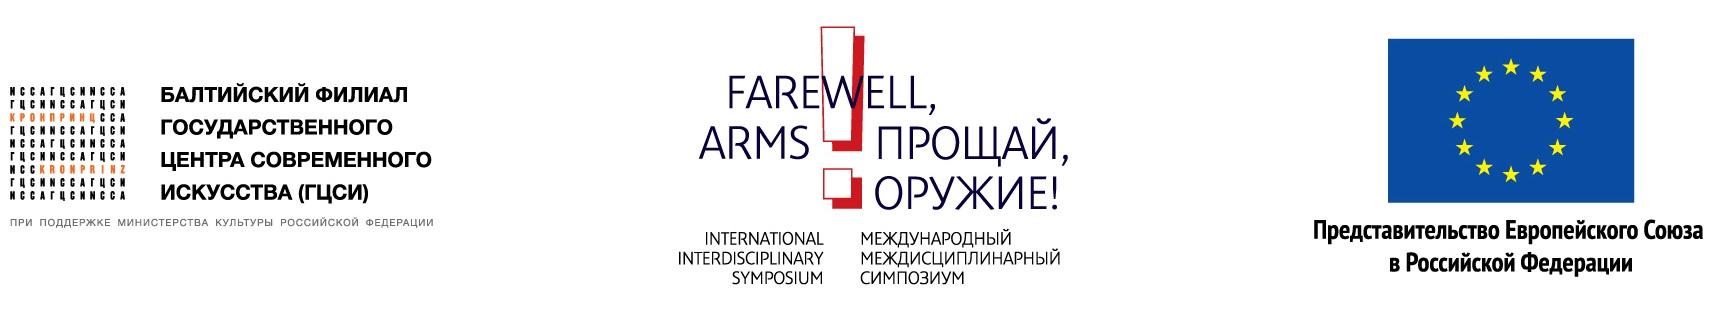 Farewell, arms! Международный дисциплинарный симпозиум